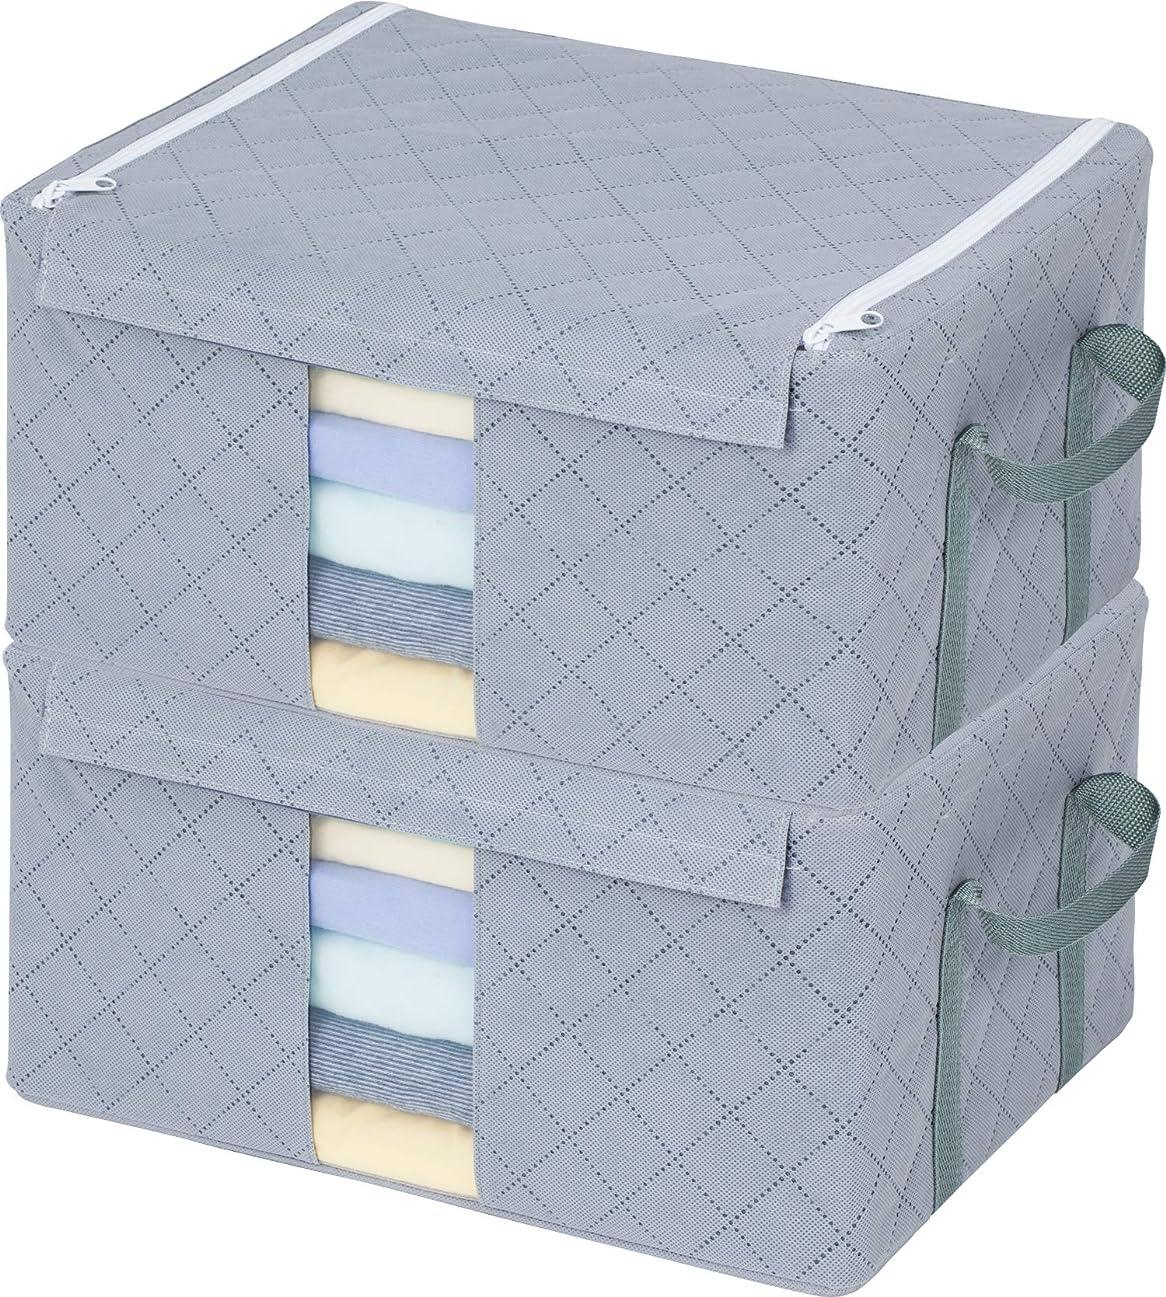 アストロ 衣装ケース 2個 グレー 不織布 ワイヤー入り 活性炭消臭 620-18